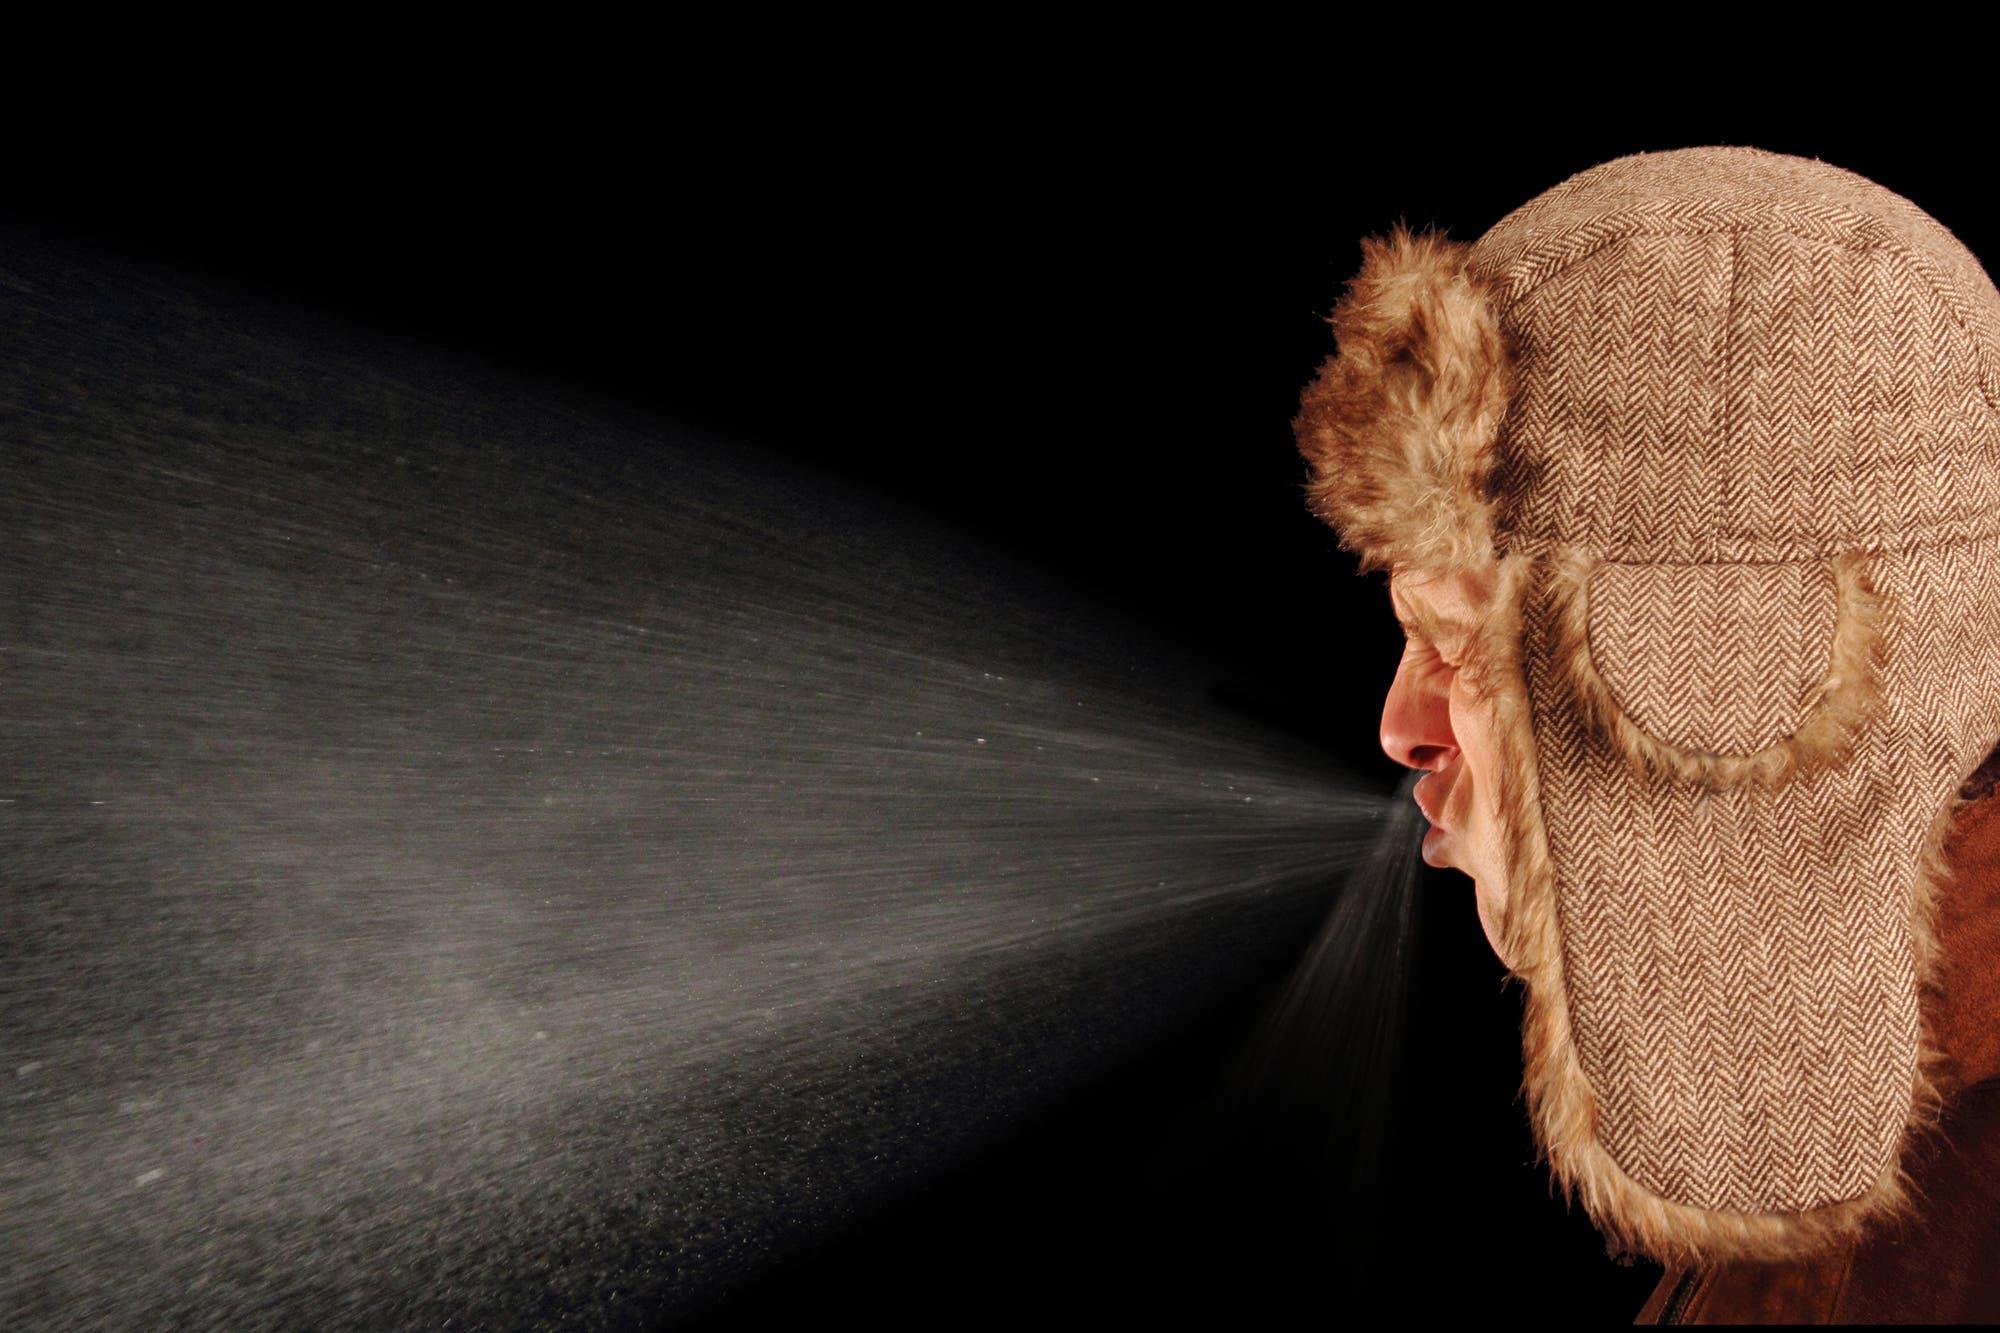 Millionen winzigster Tröpfchen werden aus Mund und Nase beim Niesen katapultiert – und tragen ihre Virenlast in die Welt hinaus.